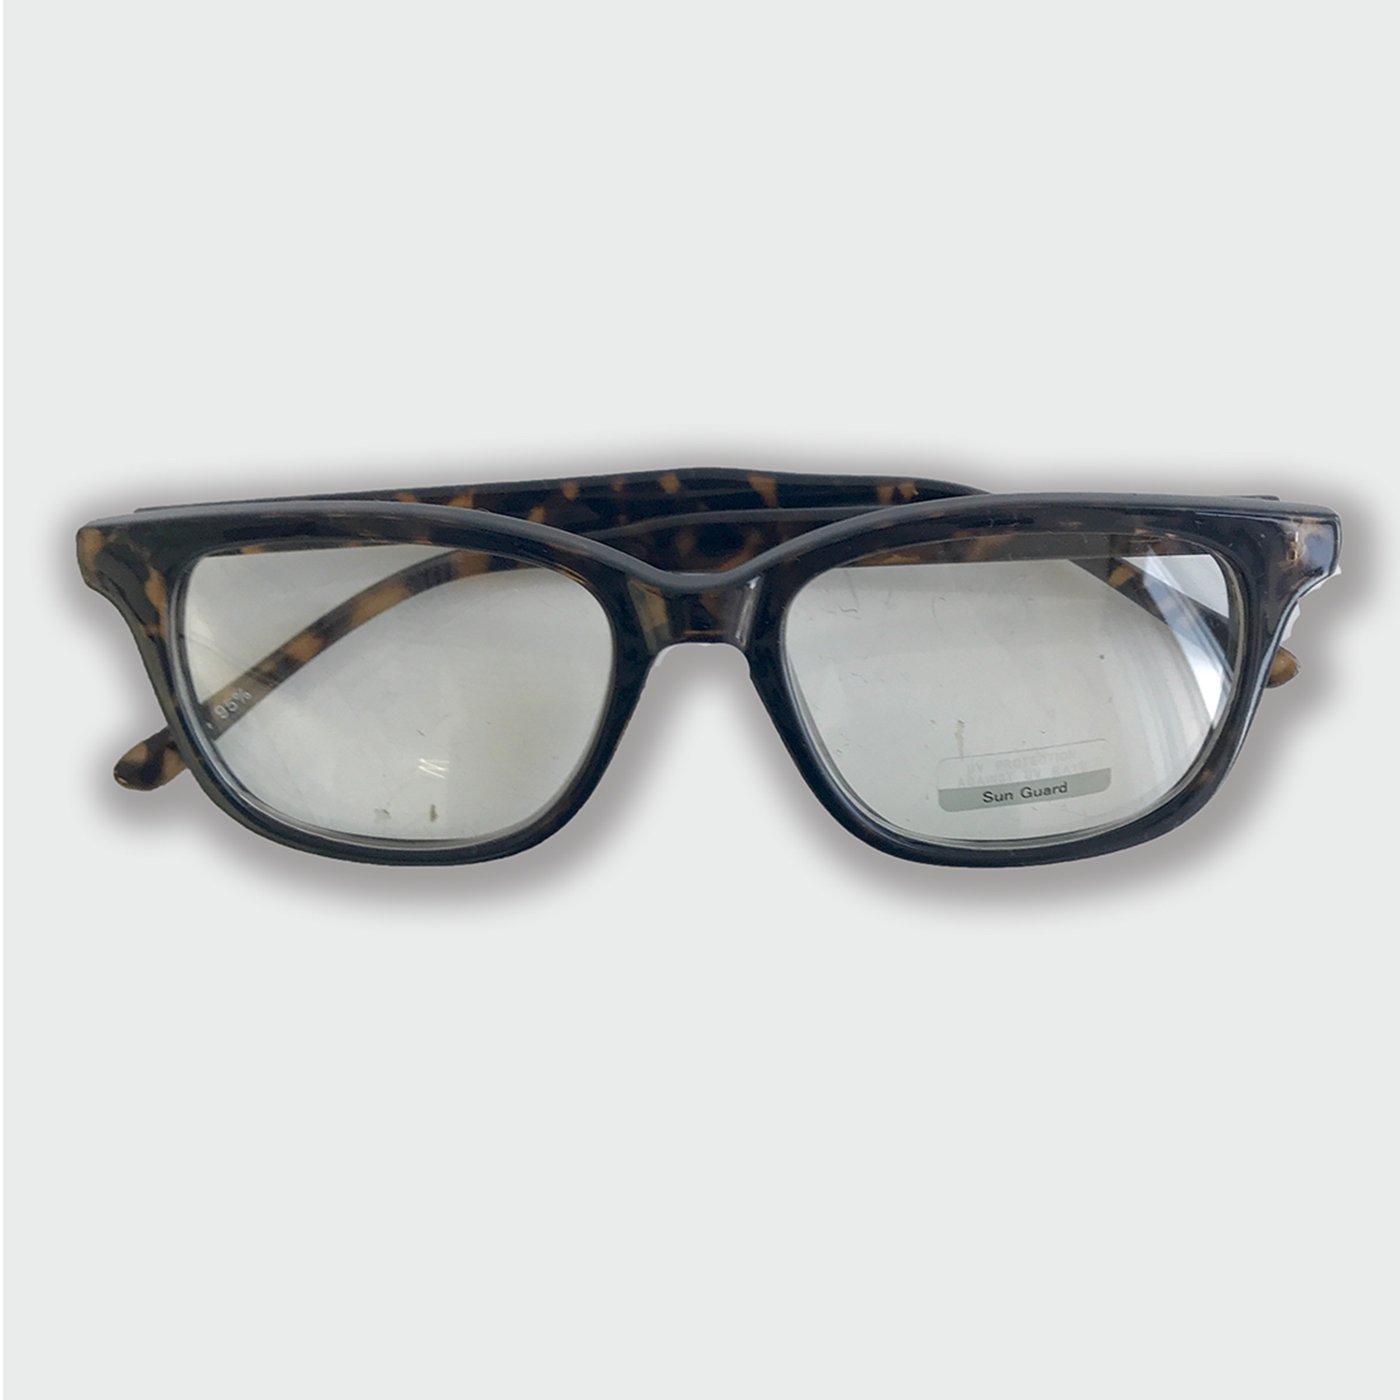 IEDIT[イディット] SELECT べっこう調フレームのクリアファッション用グラス〈デミ〉